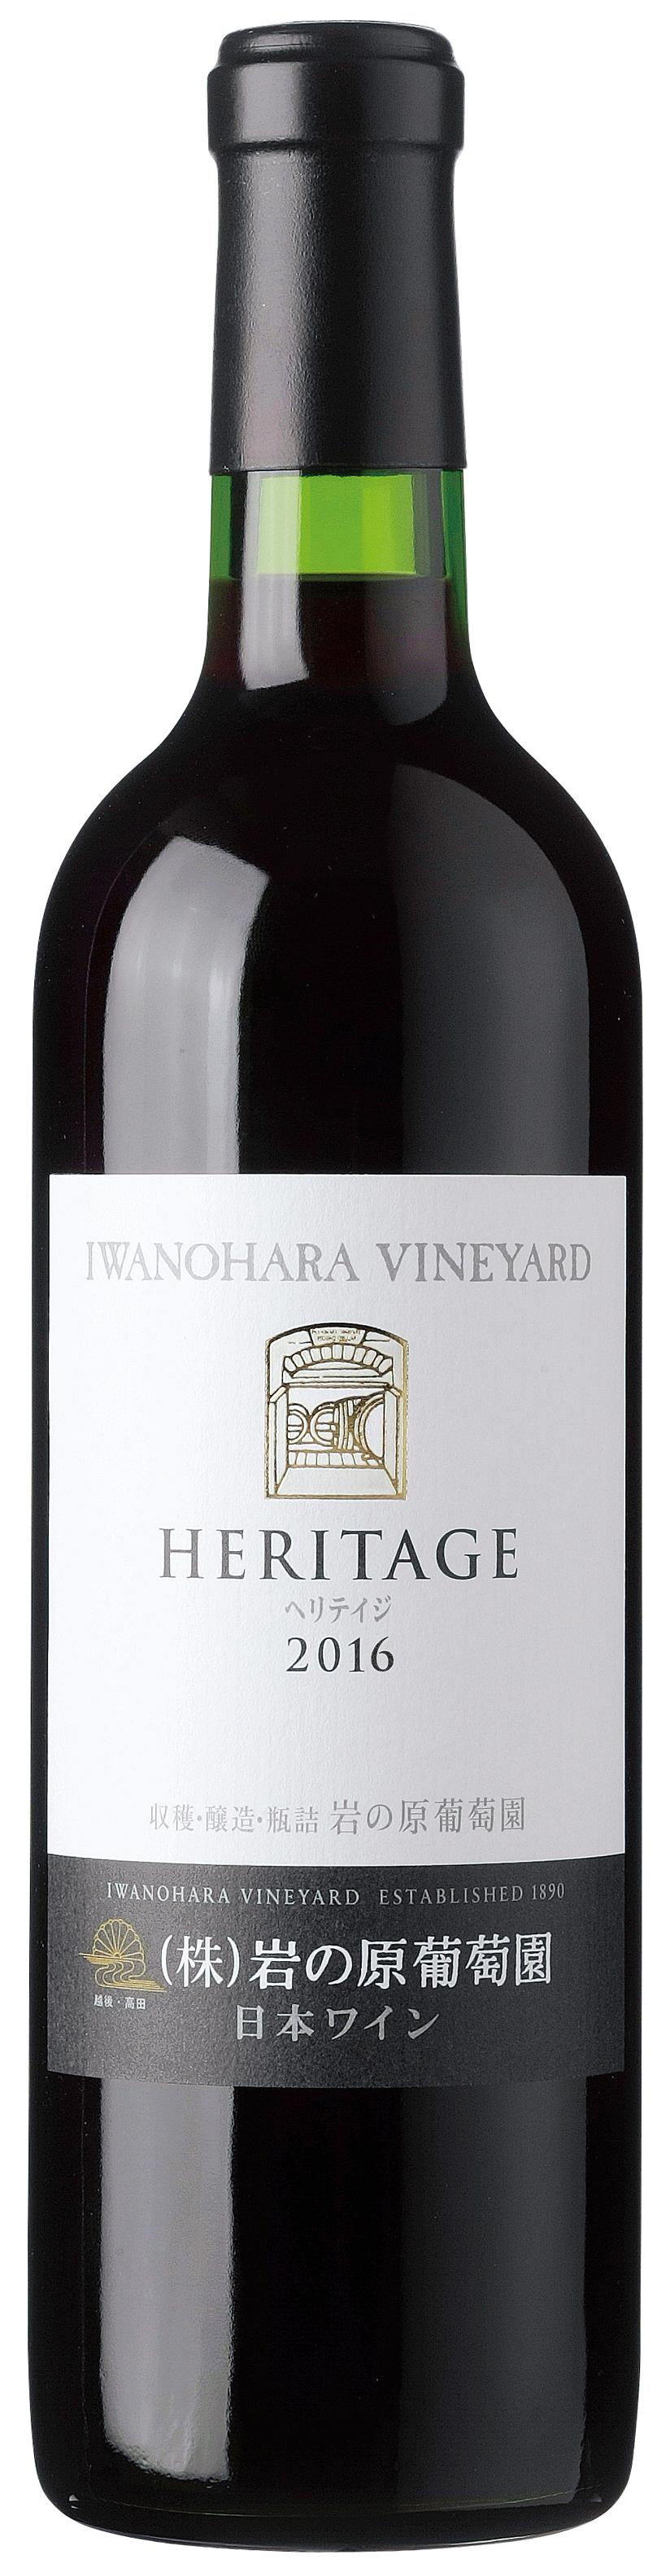 iwanohara_Heritage_2016